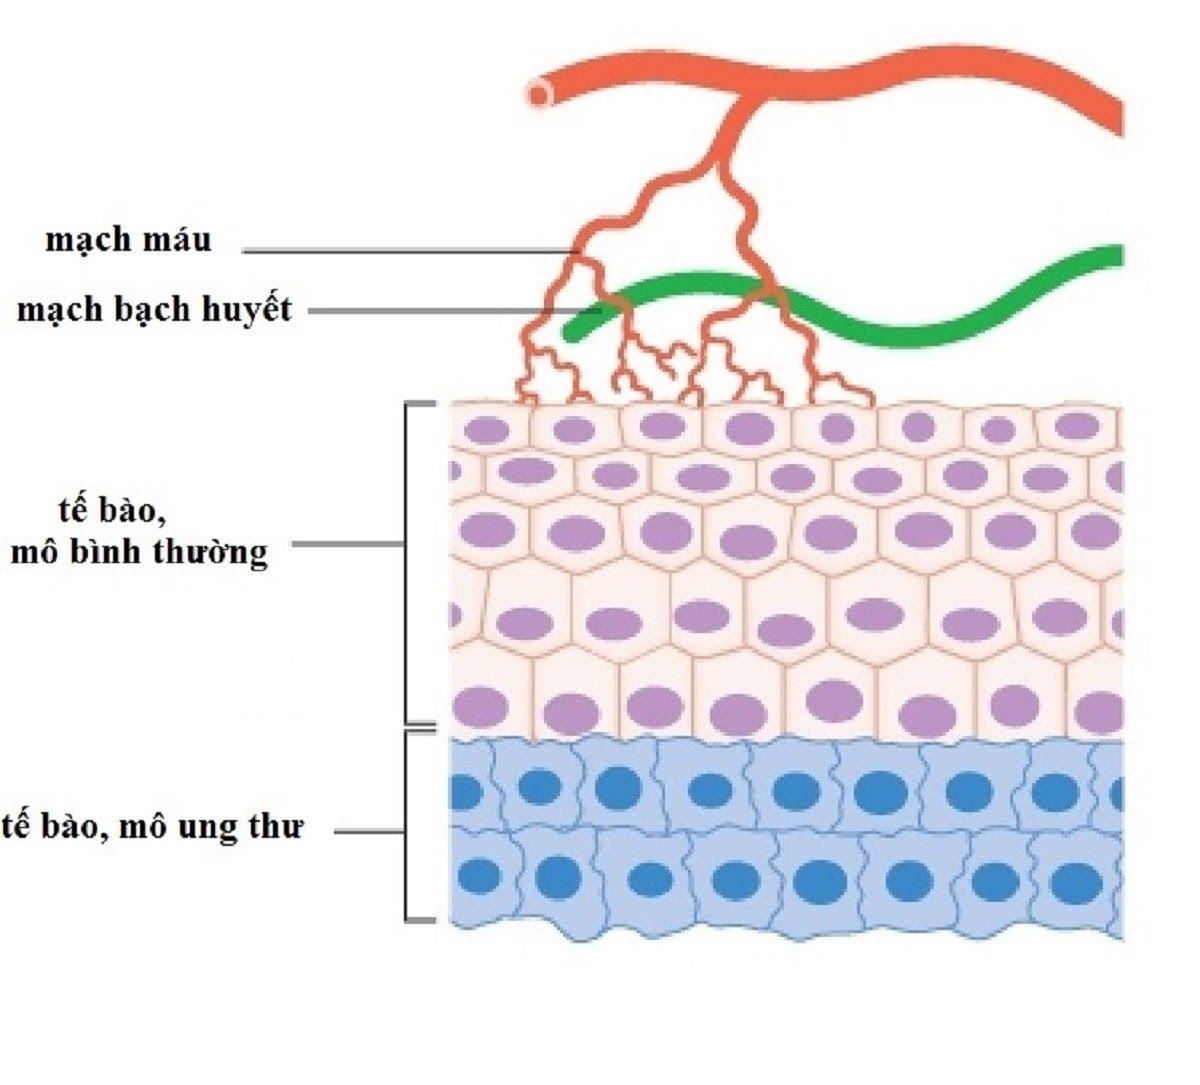 Sự kích thích tăng sinh mạch máu cho tế bào ung thư